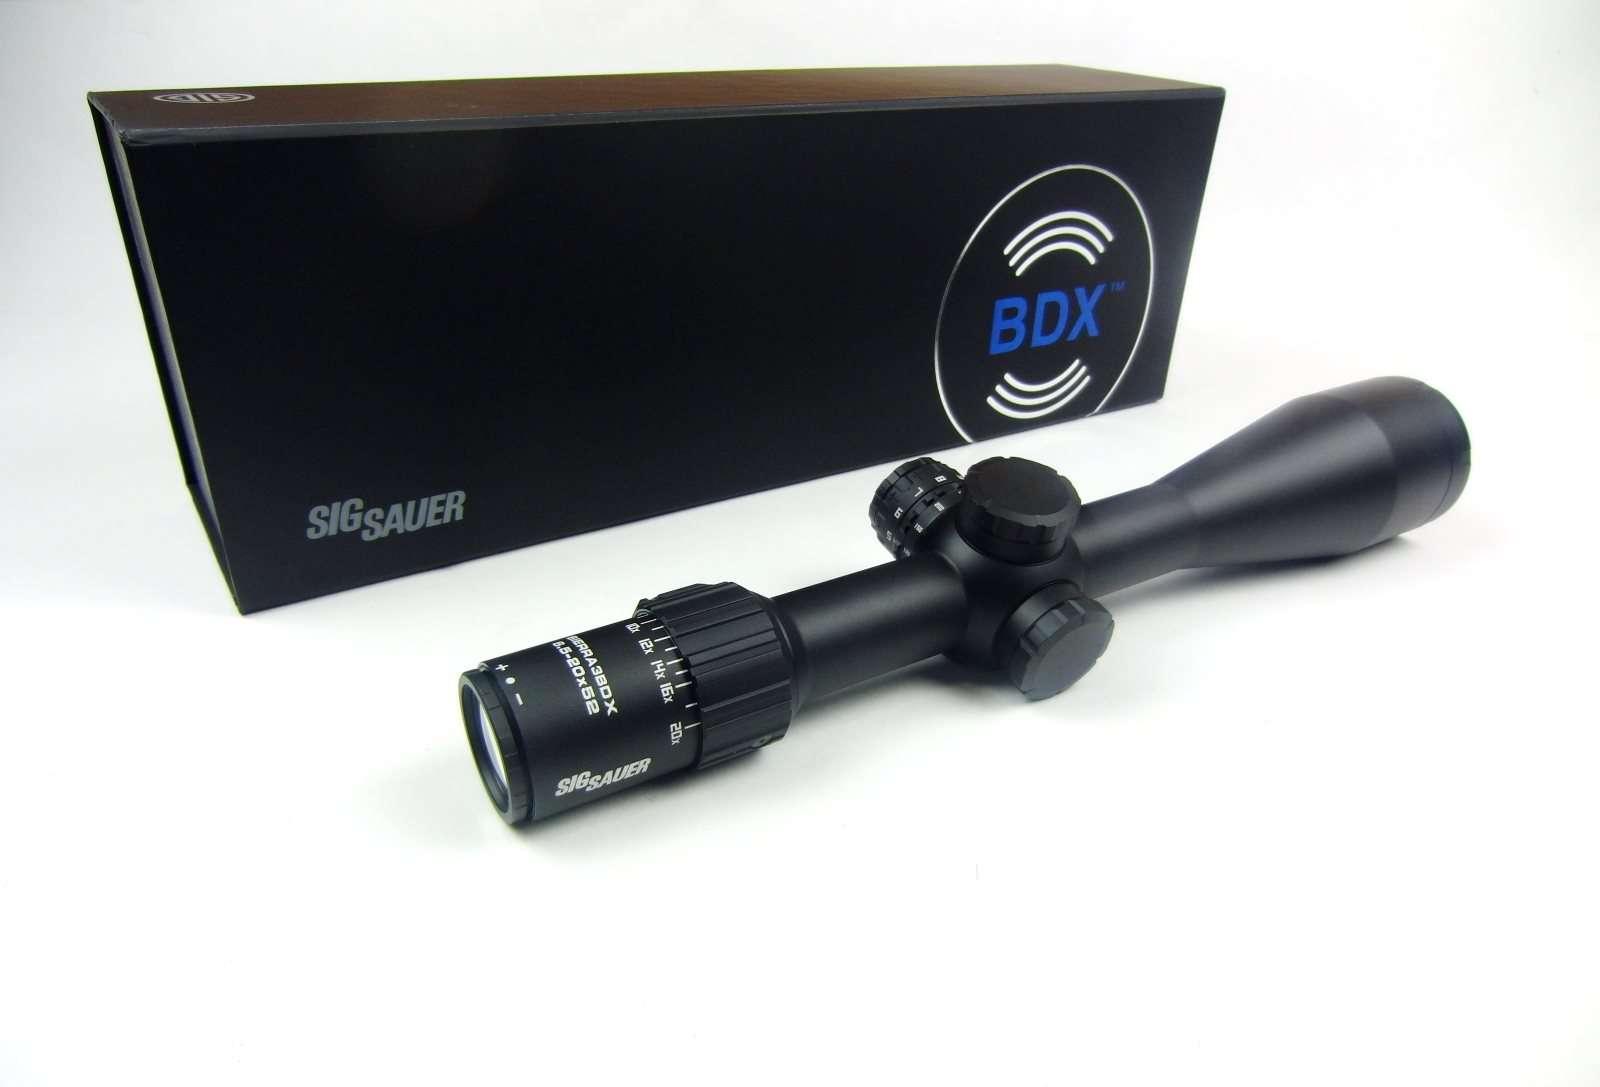 Zeiss Zielfernrohr Mit Entfernungsmesser : Zielfernrohr zeiss schiene a gebraucht zielfernrohre